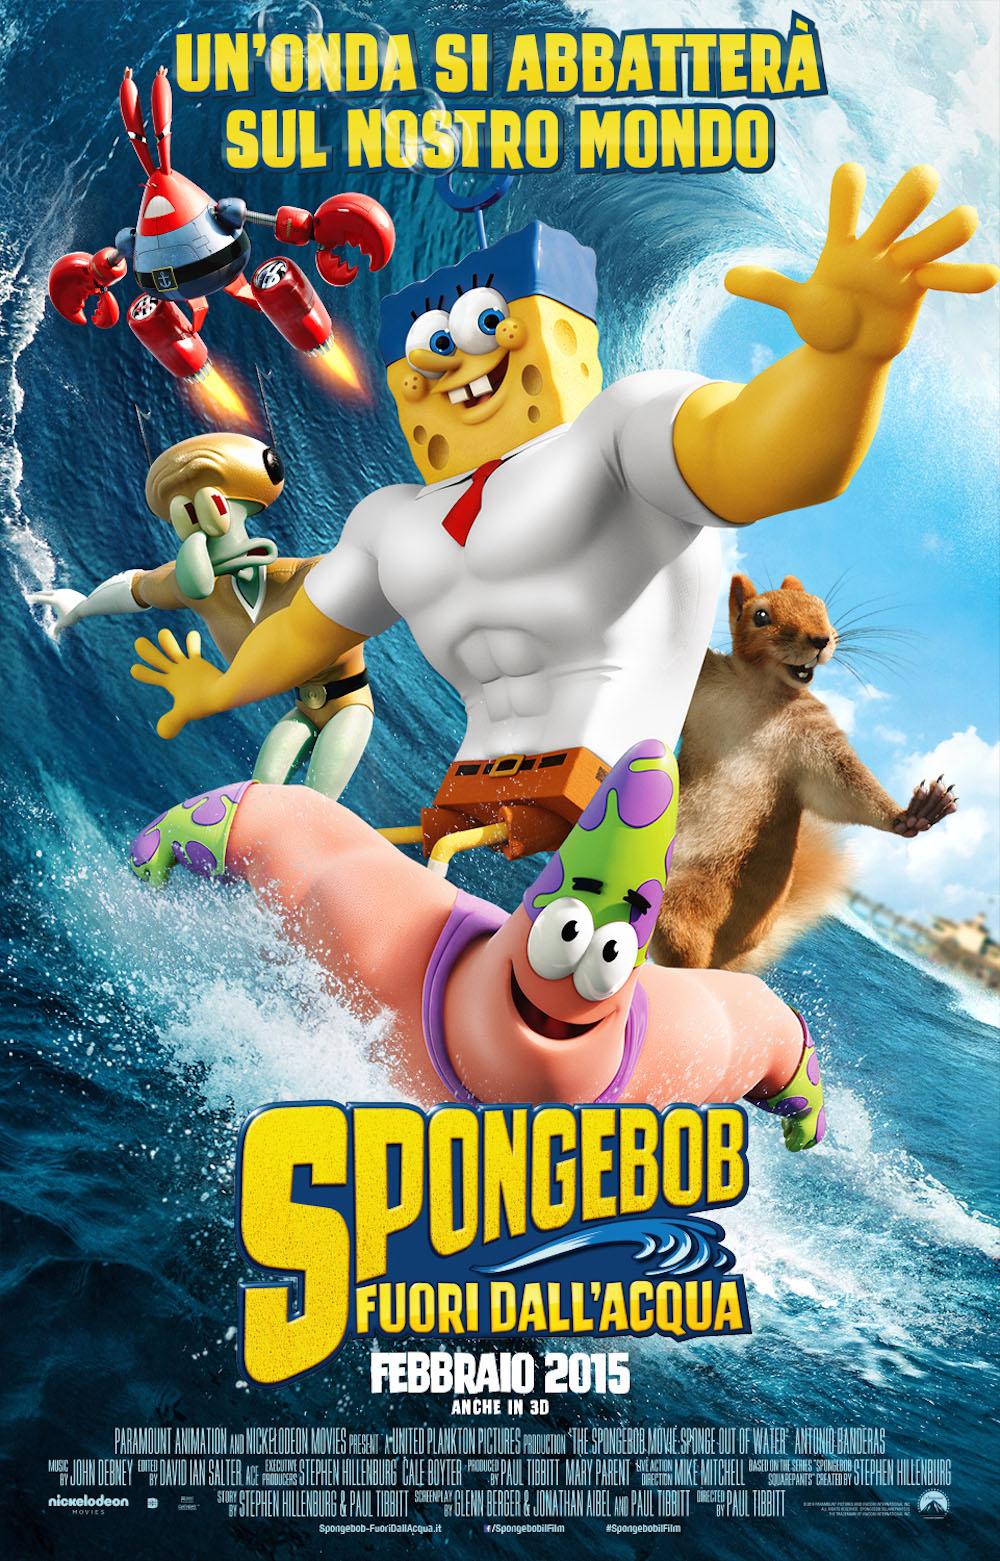 Spongebob Fuori dall'acqua - Trailer Italiano